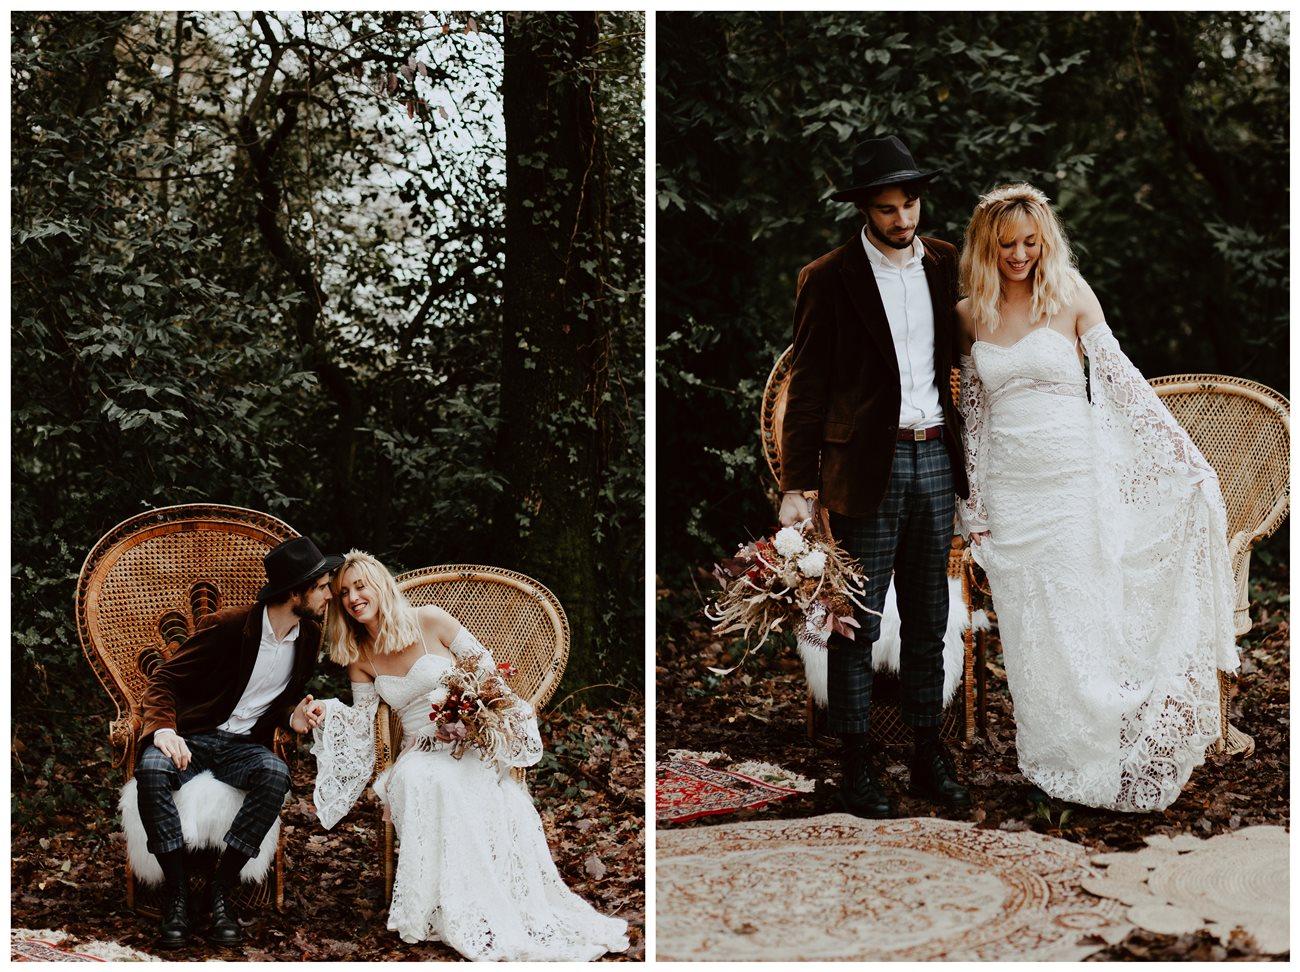 mariage bohème cérémonie laïque portrait mariés chaises emmanuelle rires